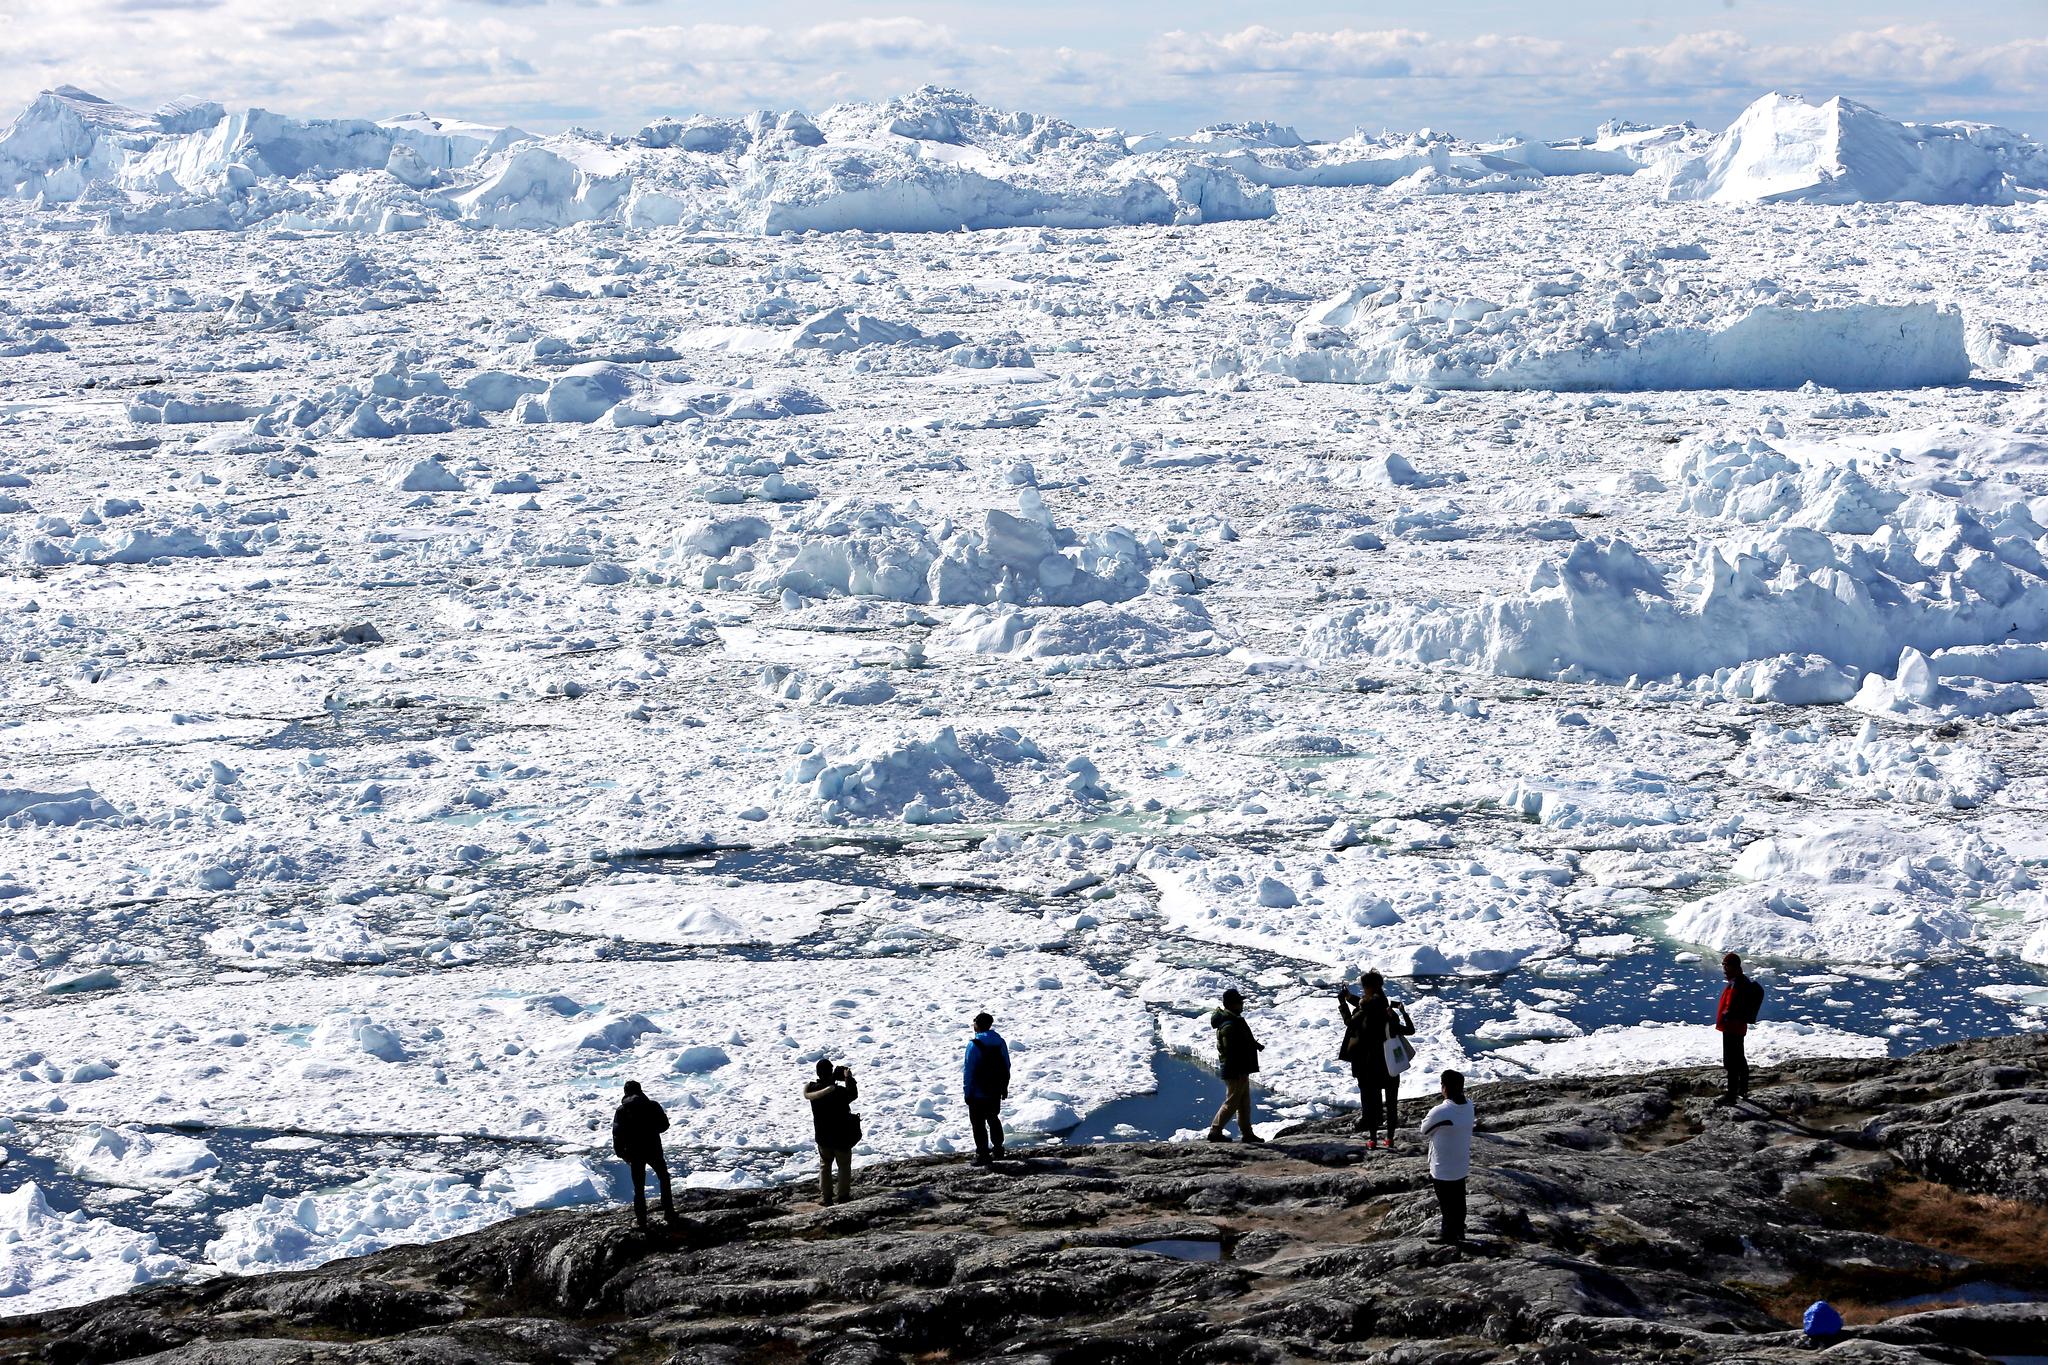 그린란드 일루리삿 빙하. 빙하 아래에도 미생물은 존재한다. [중앙포토]